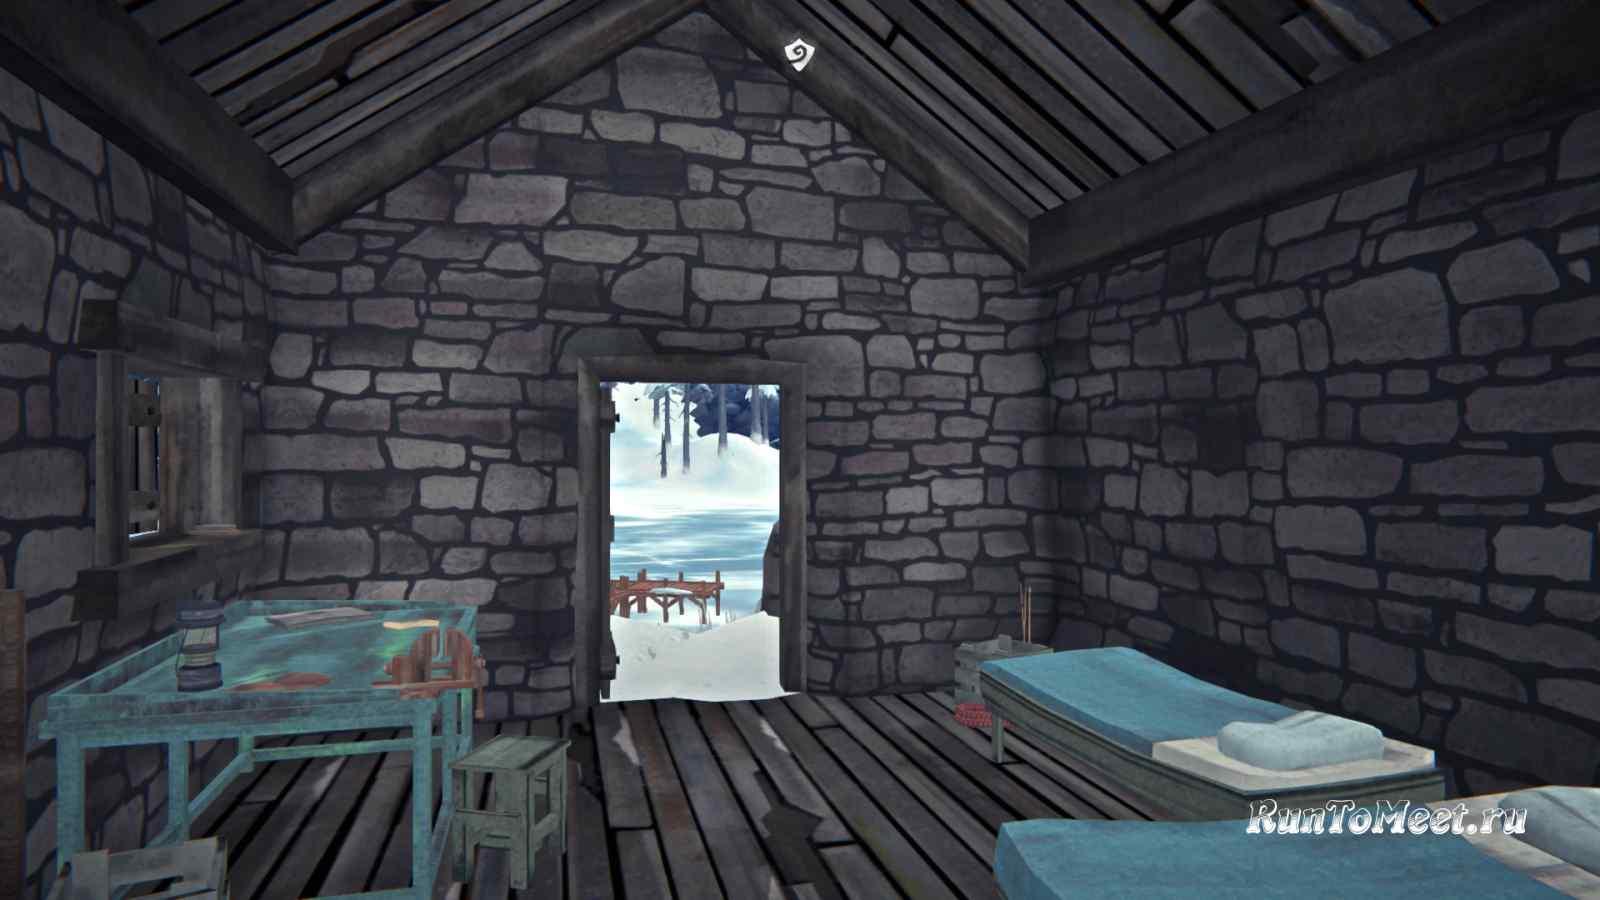 Внутри хижины альпиниста на Волчьей горе, в игре The long dark